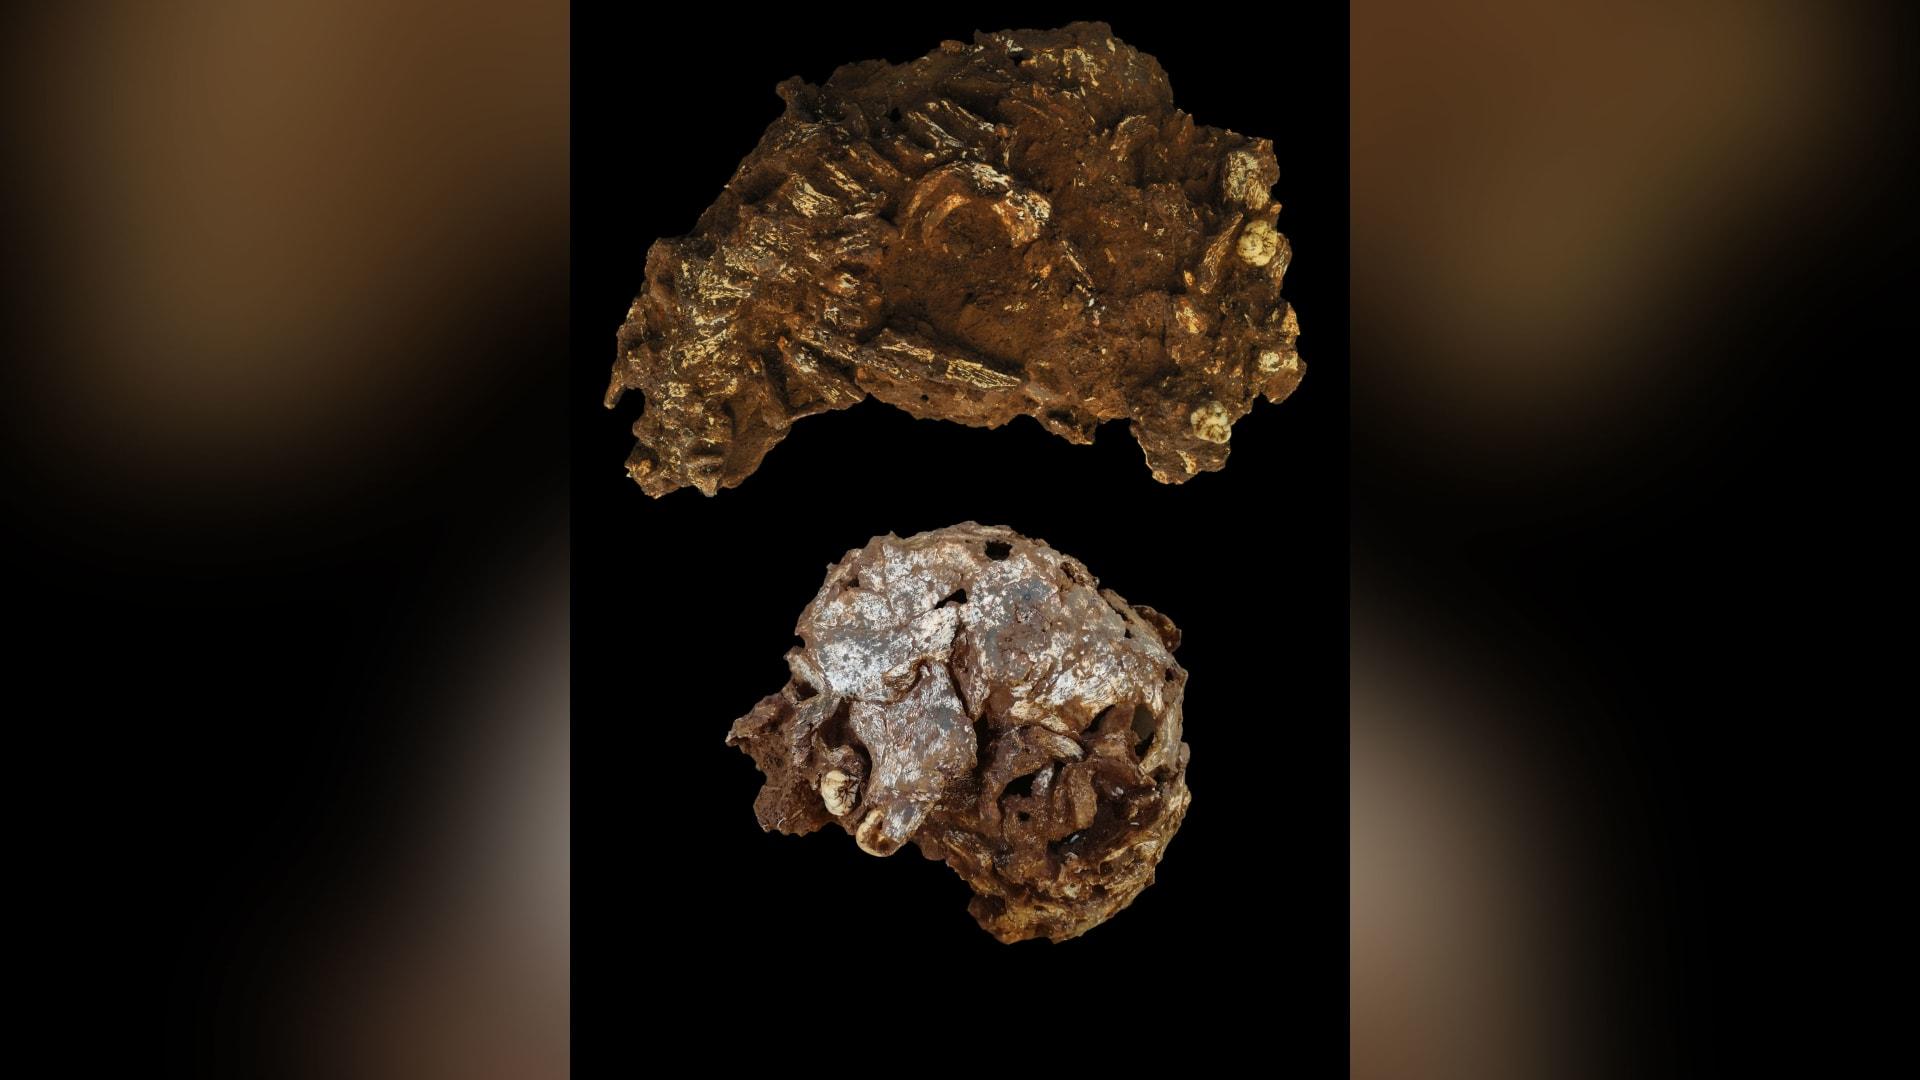 عمره 78 ألف عام.. يحتضن أقدم مدفن بشري بأفريقيا طفلاً وُضع ليرقد على وسادة